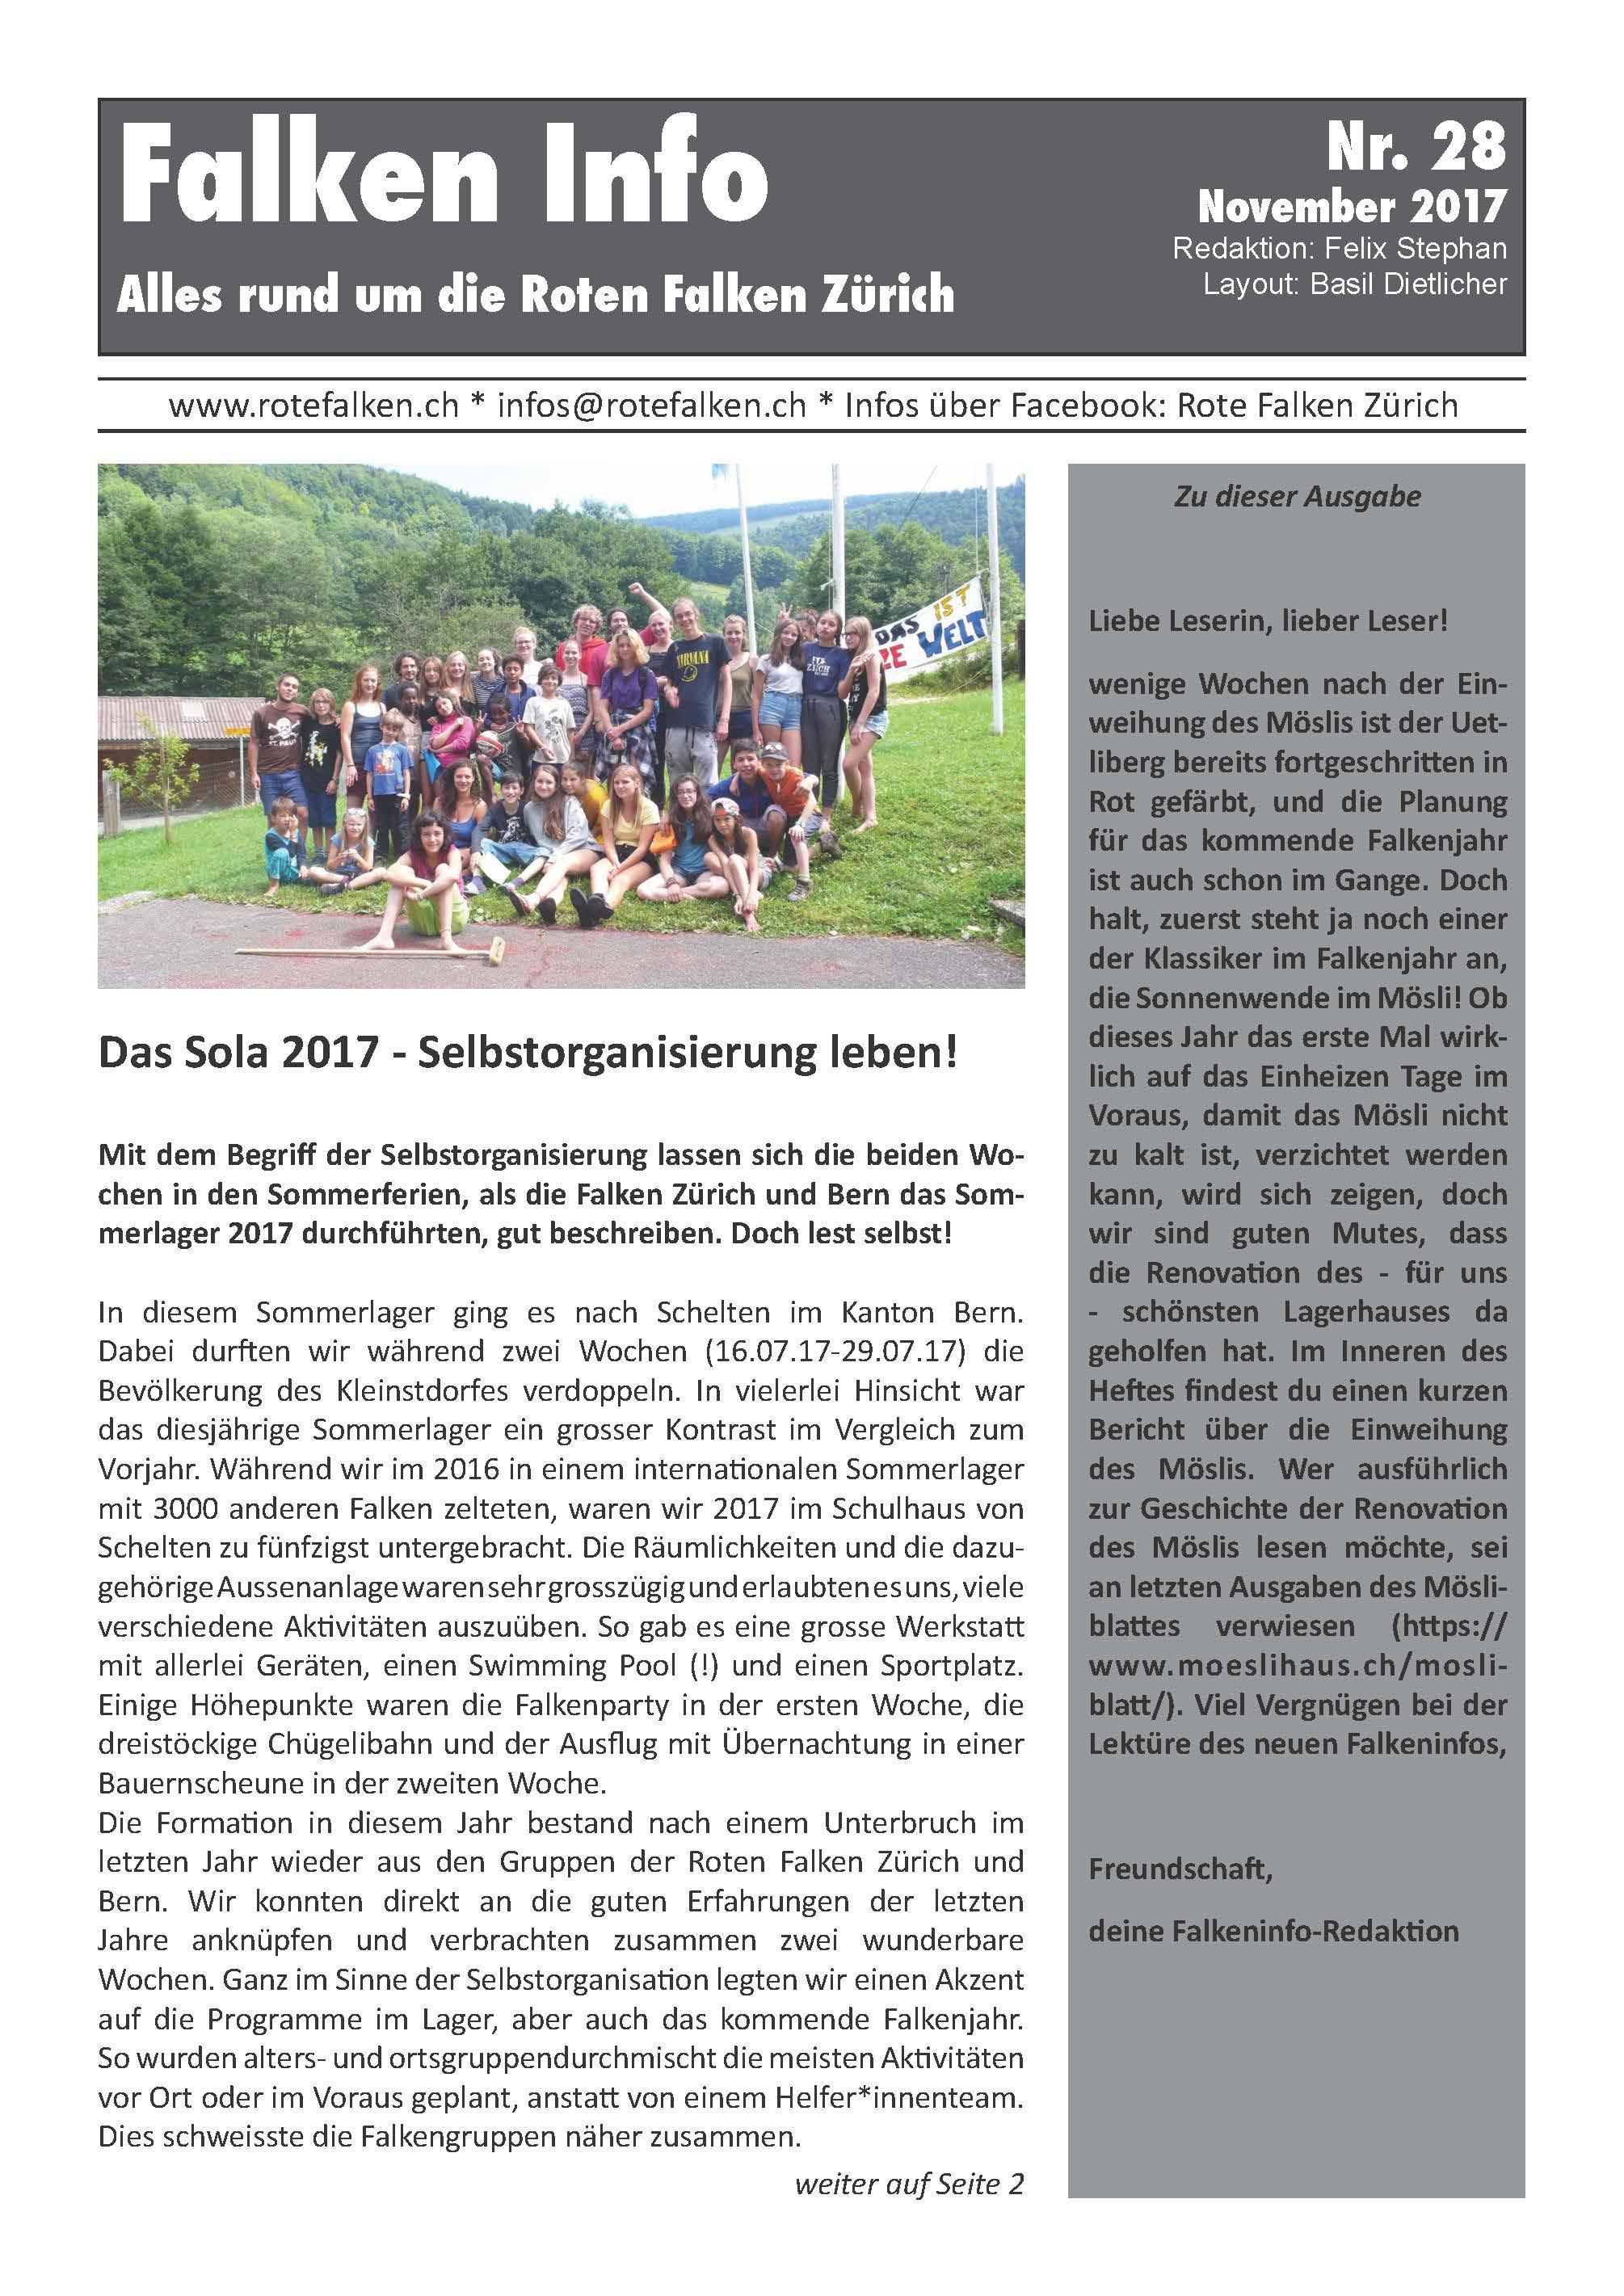 Neues Infoblatt Nr. 28 erschienen (Nov 2017)